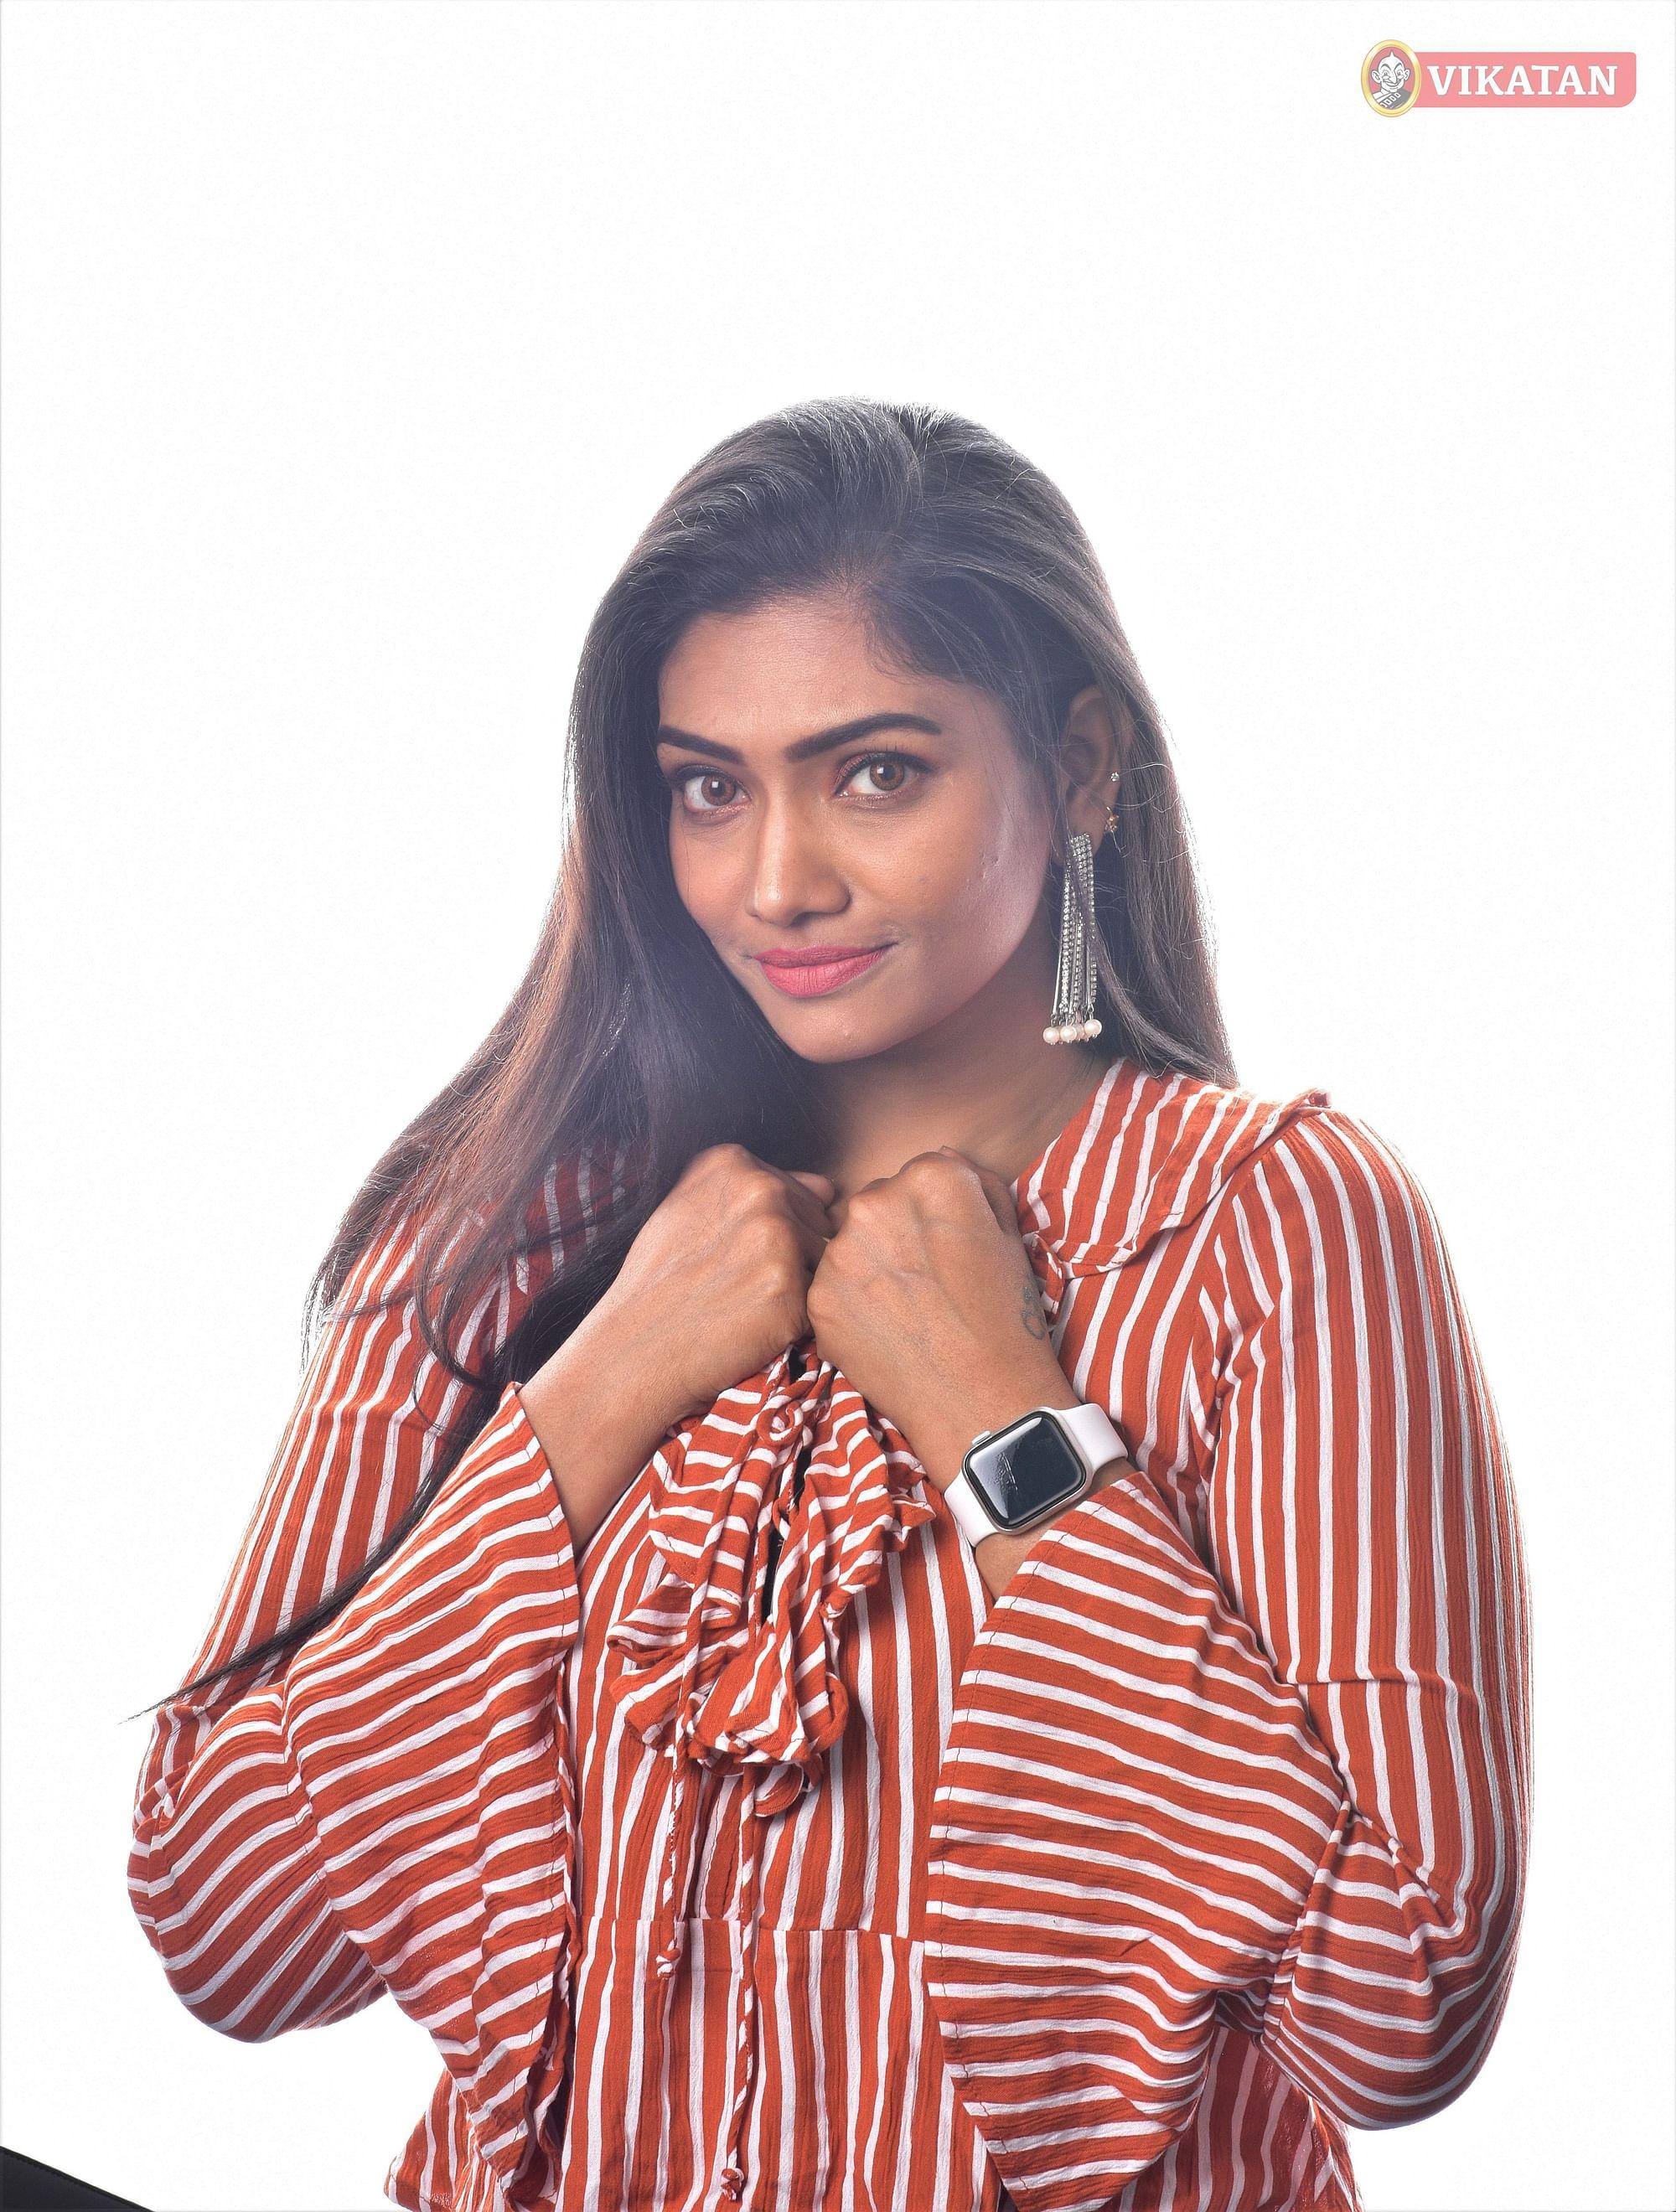 DSC 7159 Tamil News Spot